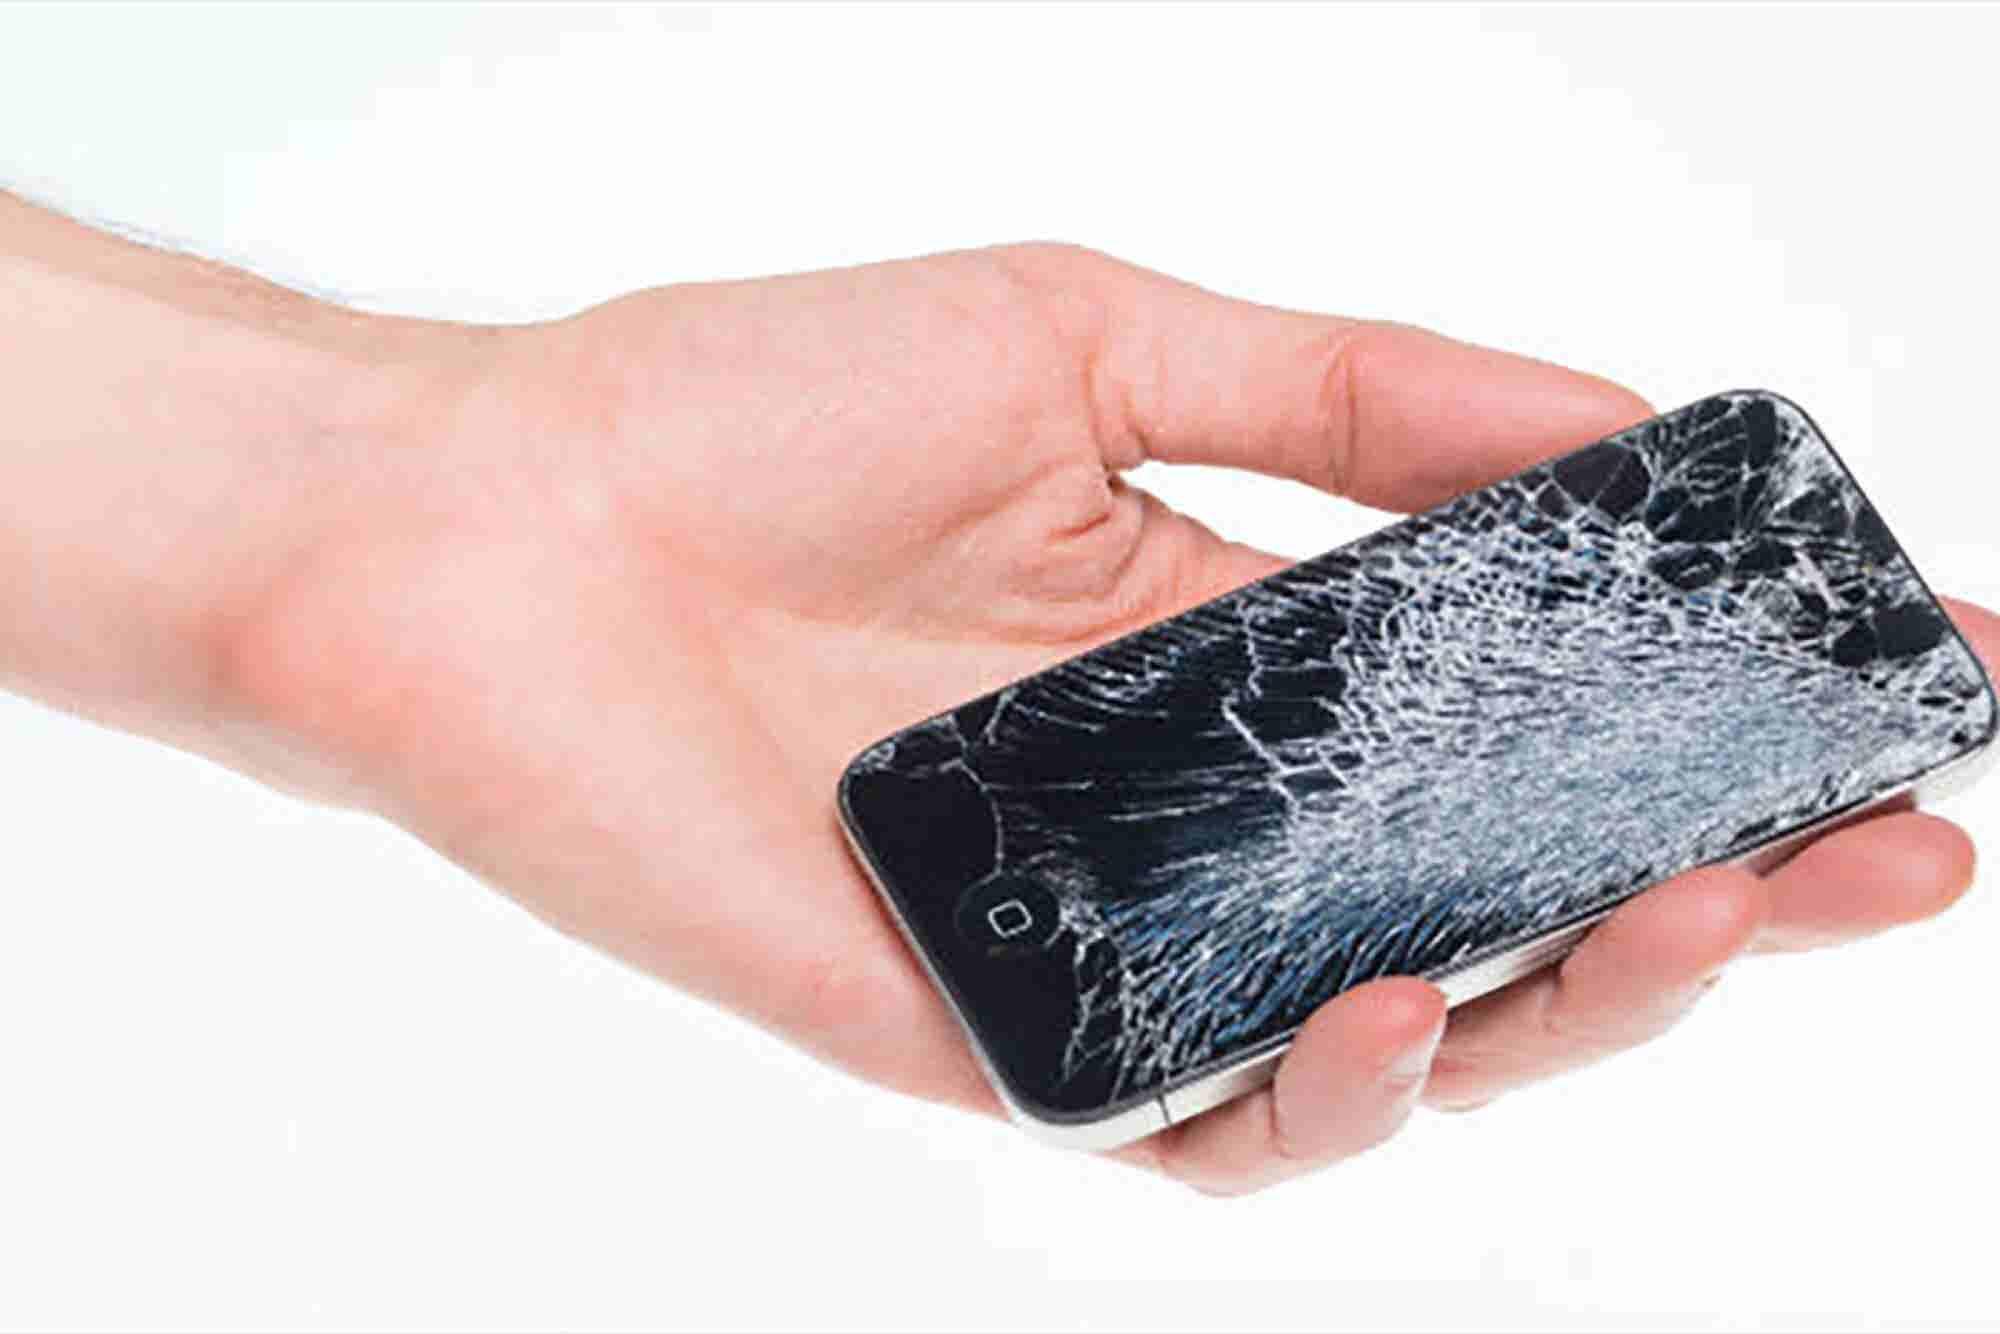 Kiosko de reparación y recarga de celulares